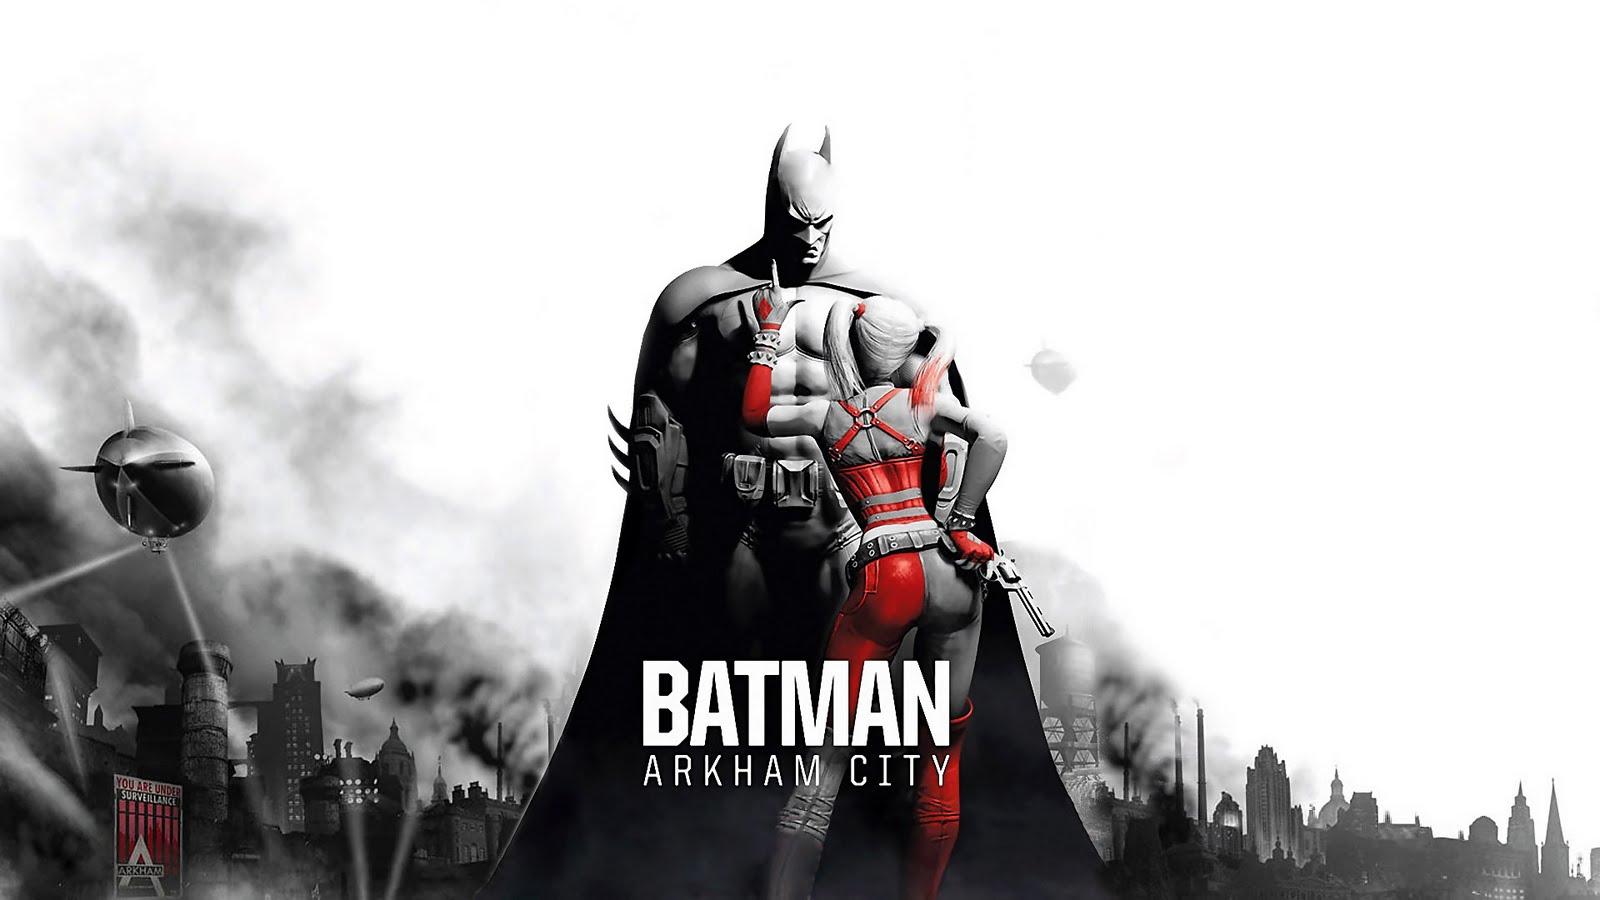 http://4.bp.blogspot.com/-62-oBExZoHU/TlKNl4PjTdI/AAAAAAAAC-8/3afiCgaP5lo/s1600/Batman_arkham_city+%25282%2529.jpg